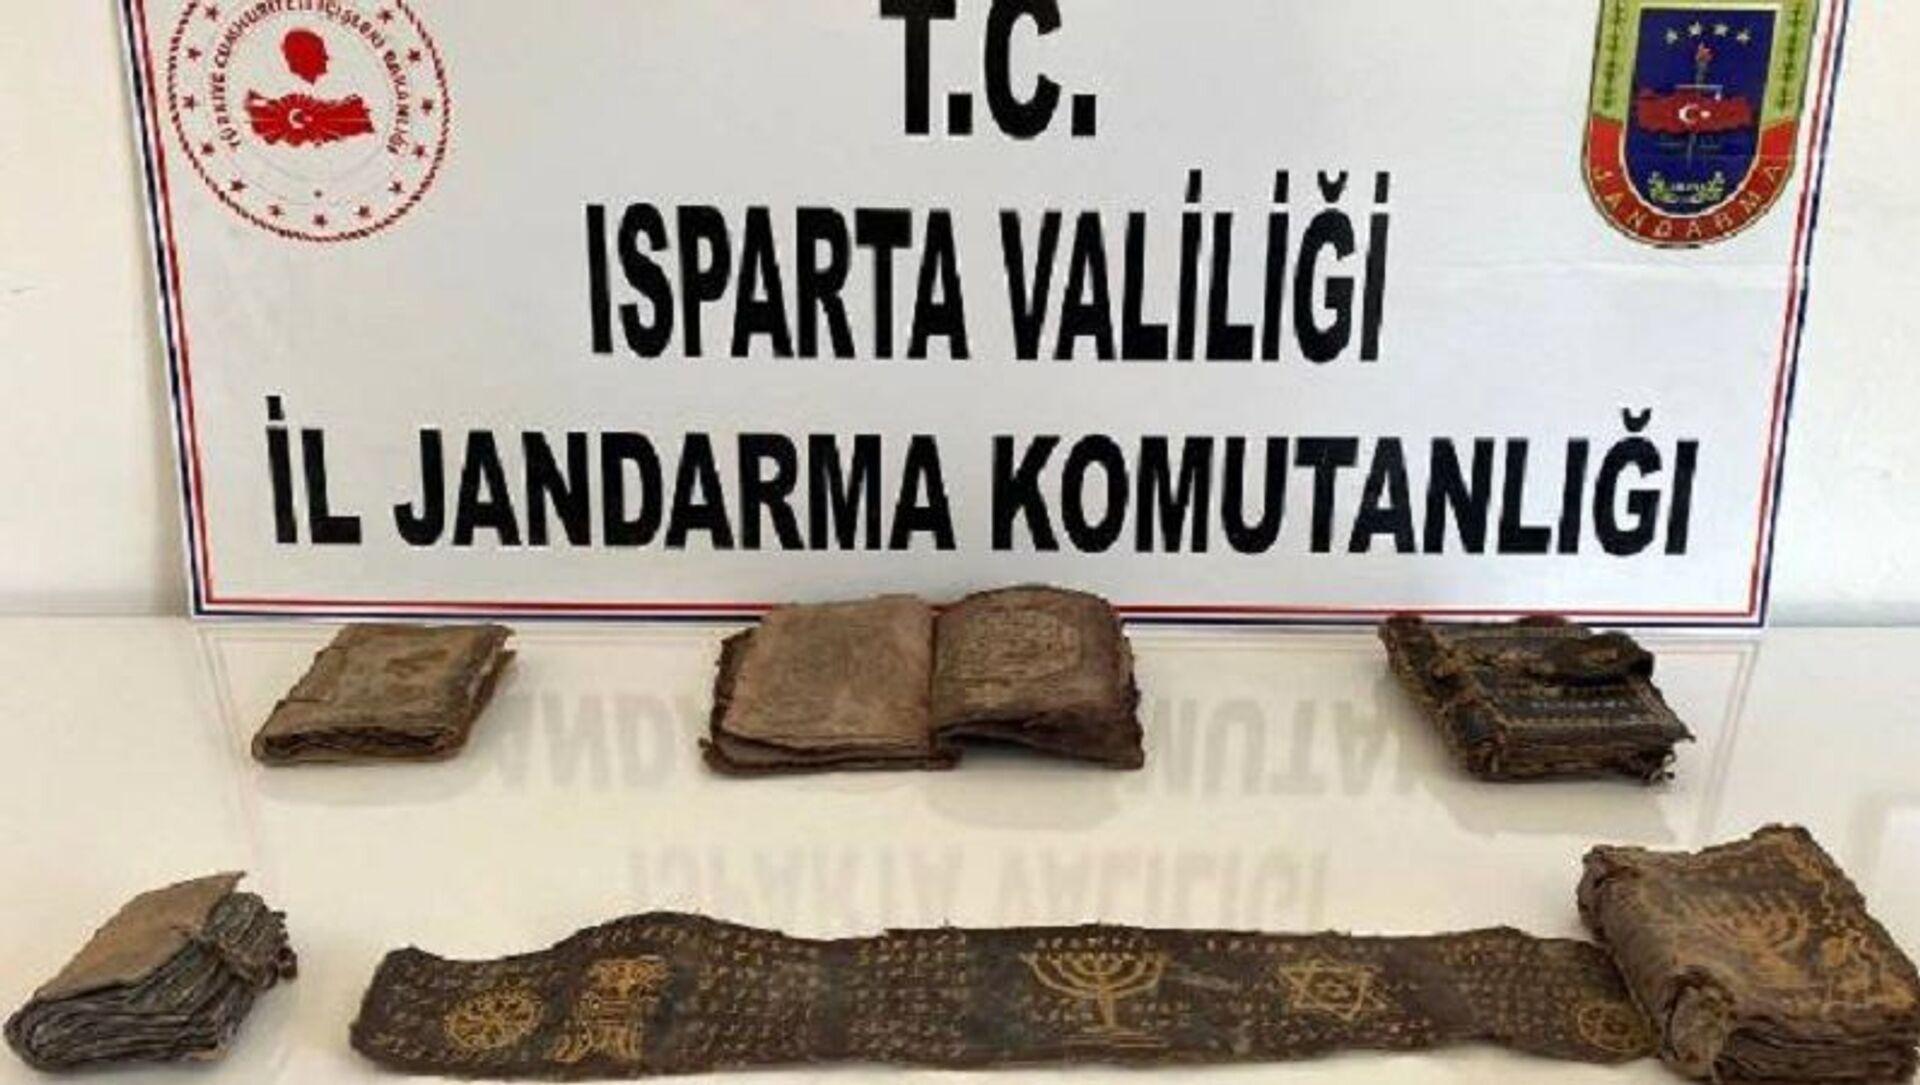 Isparta-ceylan derisi üzerine İbranice yazılmış 5 Tevrat ve 1 parşömen - Sputnik Türkiye, 1920, 20.05.2021